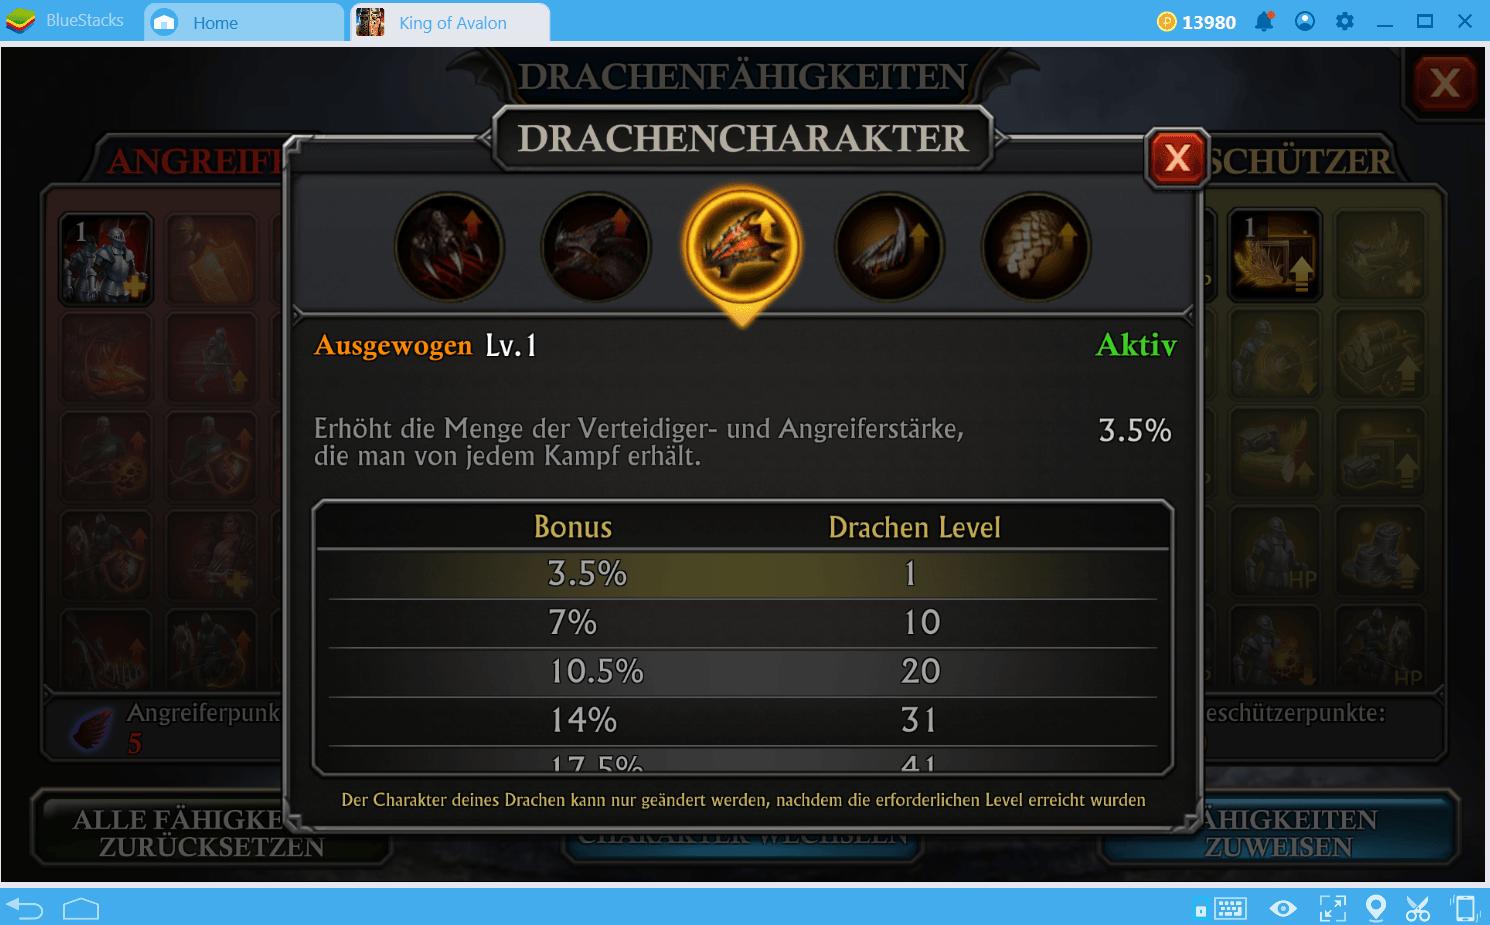 King of Avalon: Wie trainiere ich meinen Drachen?